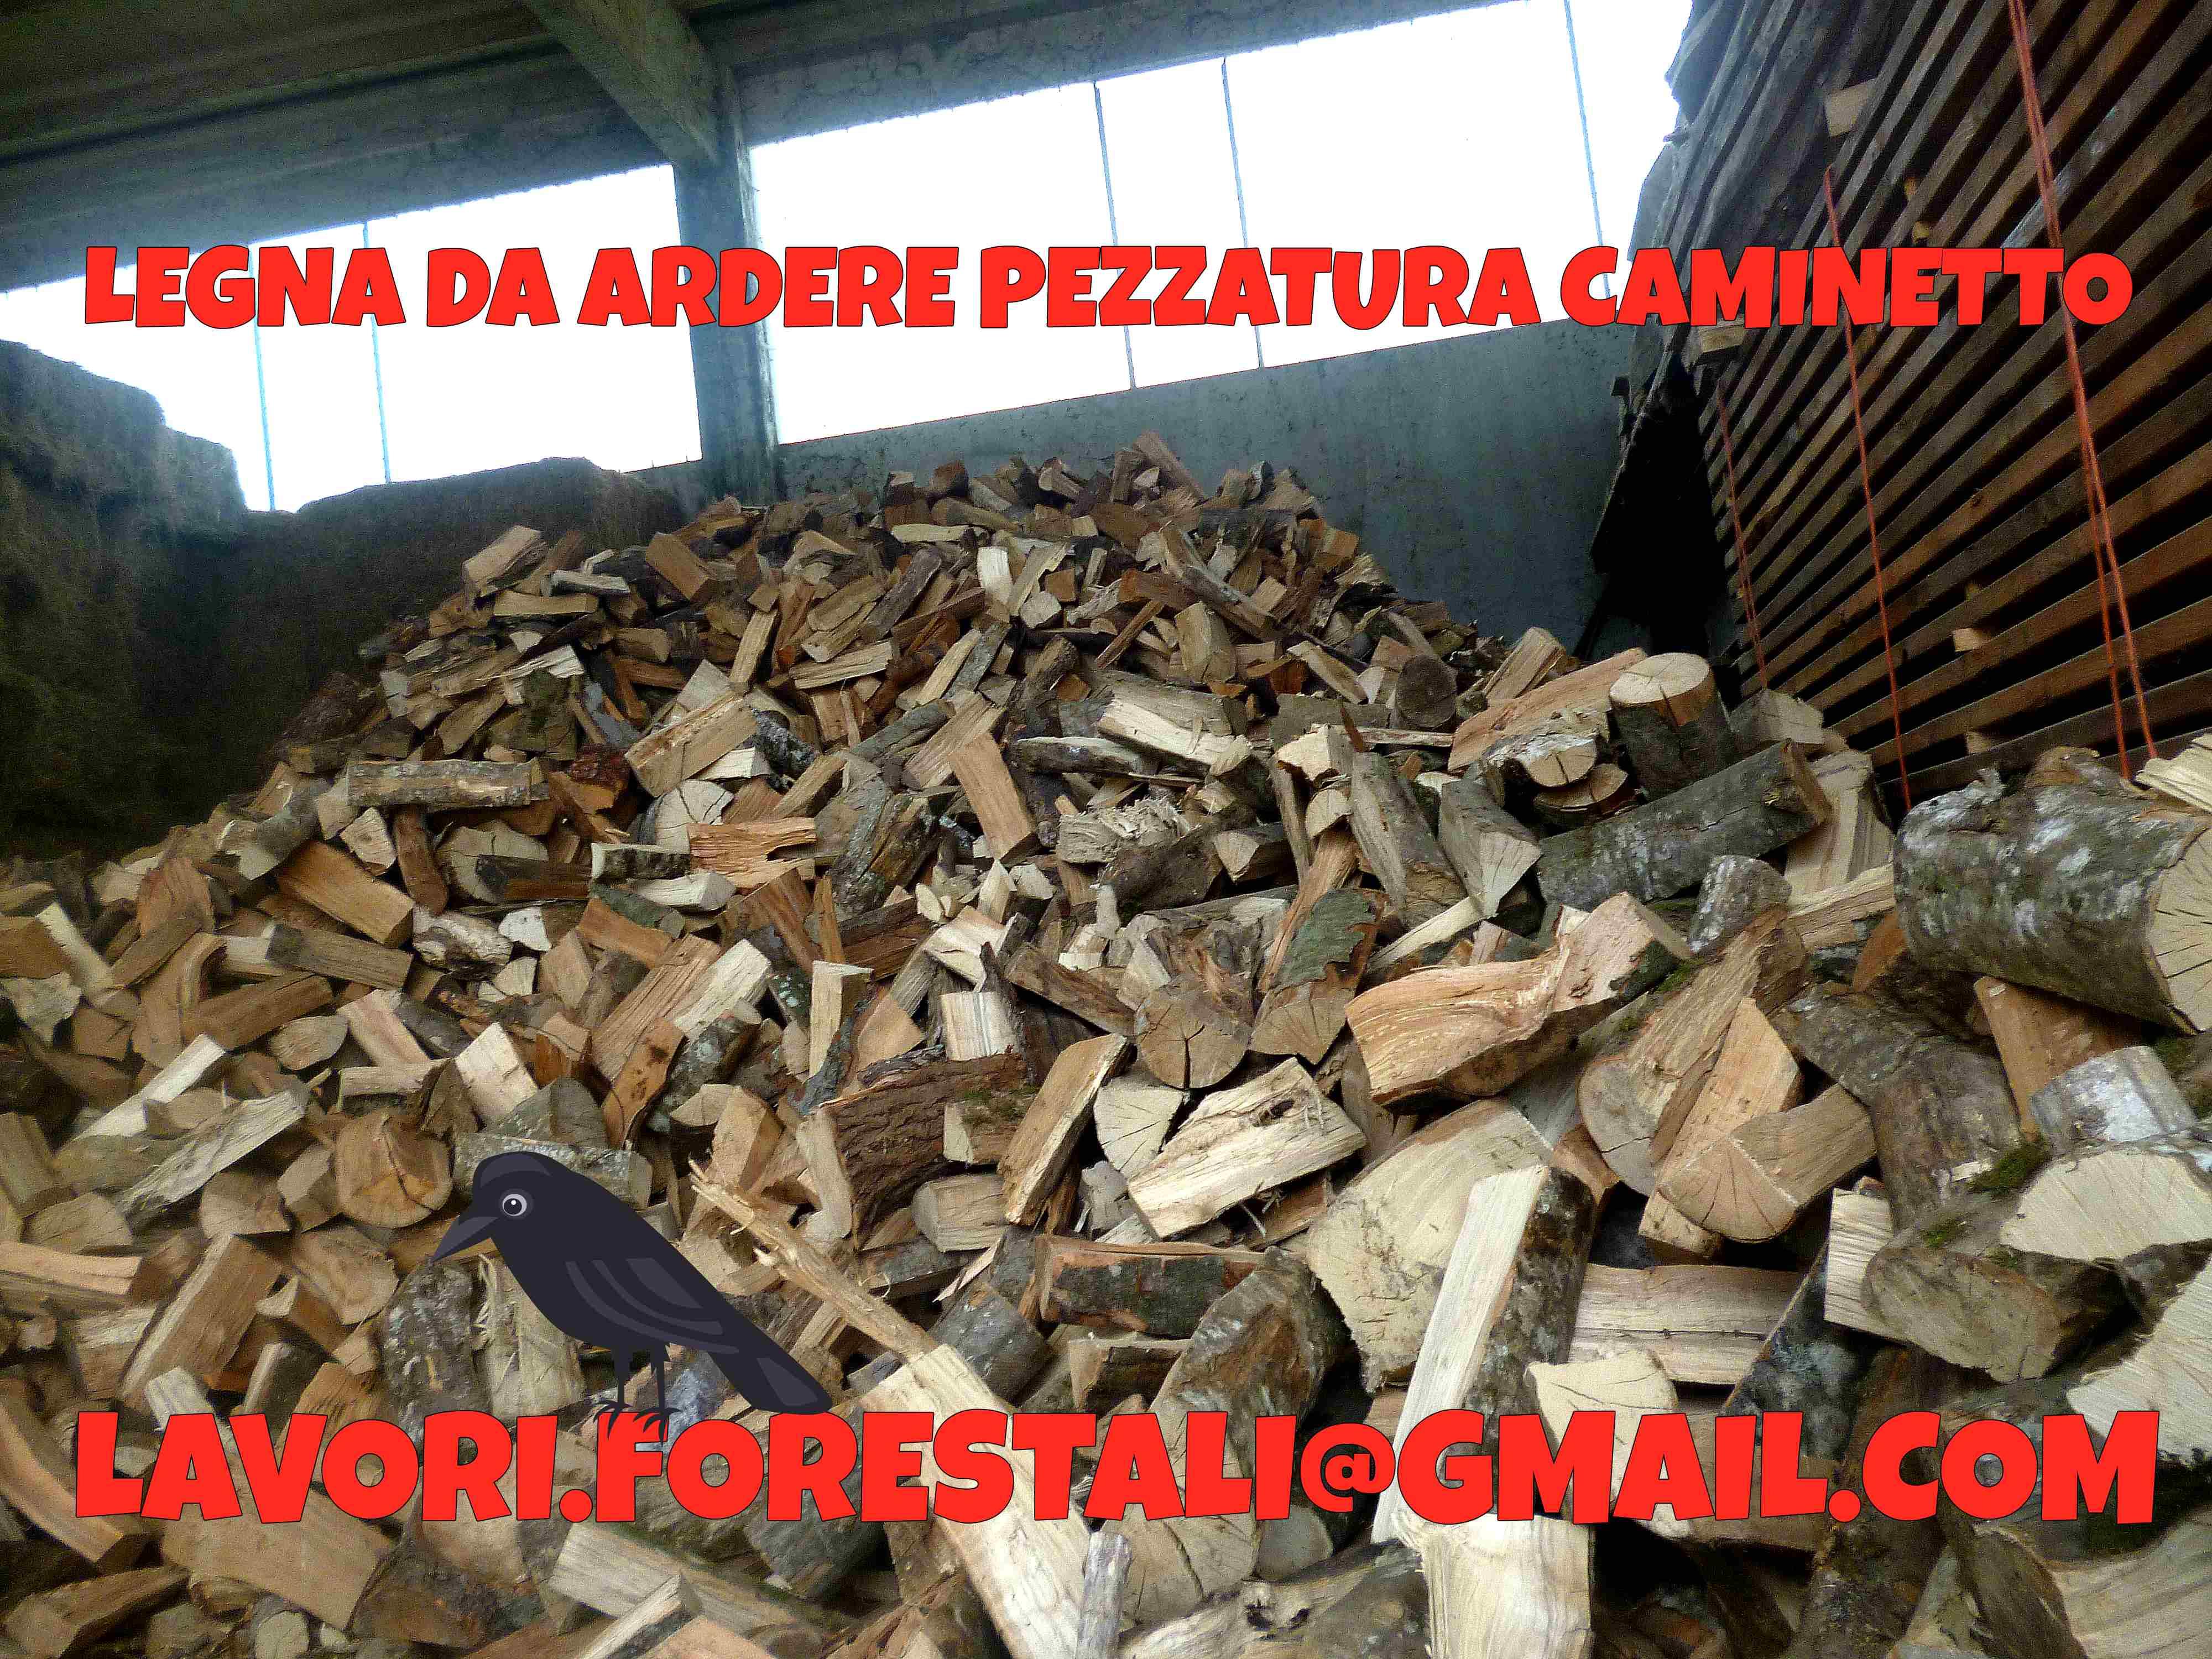 Vendesi pellet a euro legna da ardere tronchetti for Legna da ardere prezzi